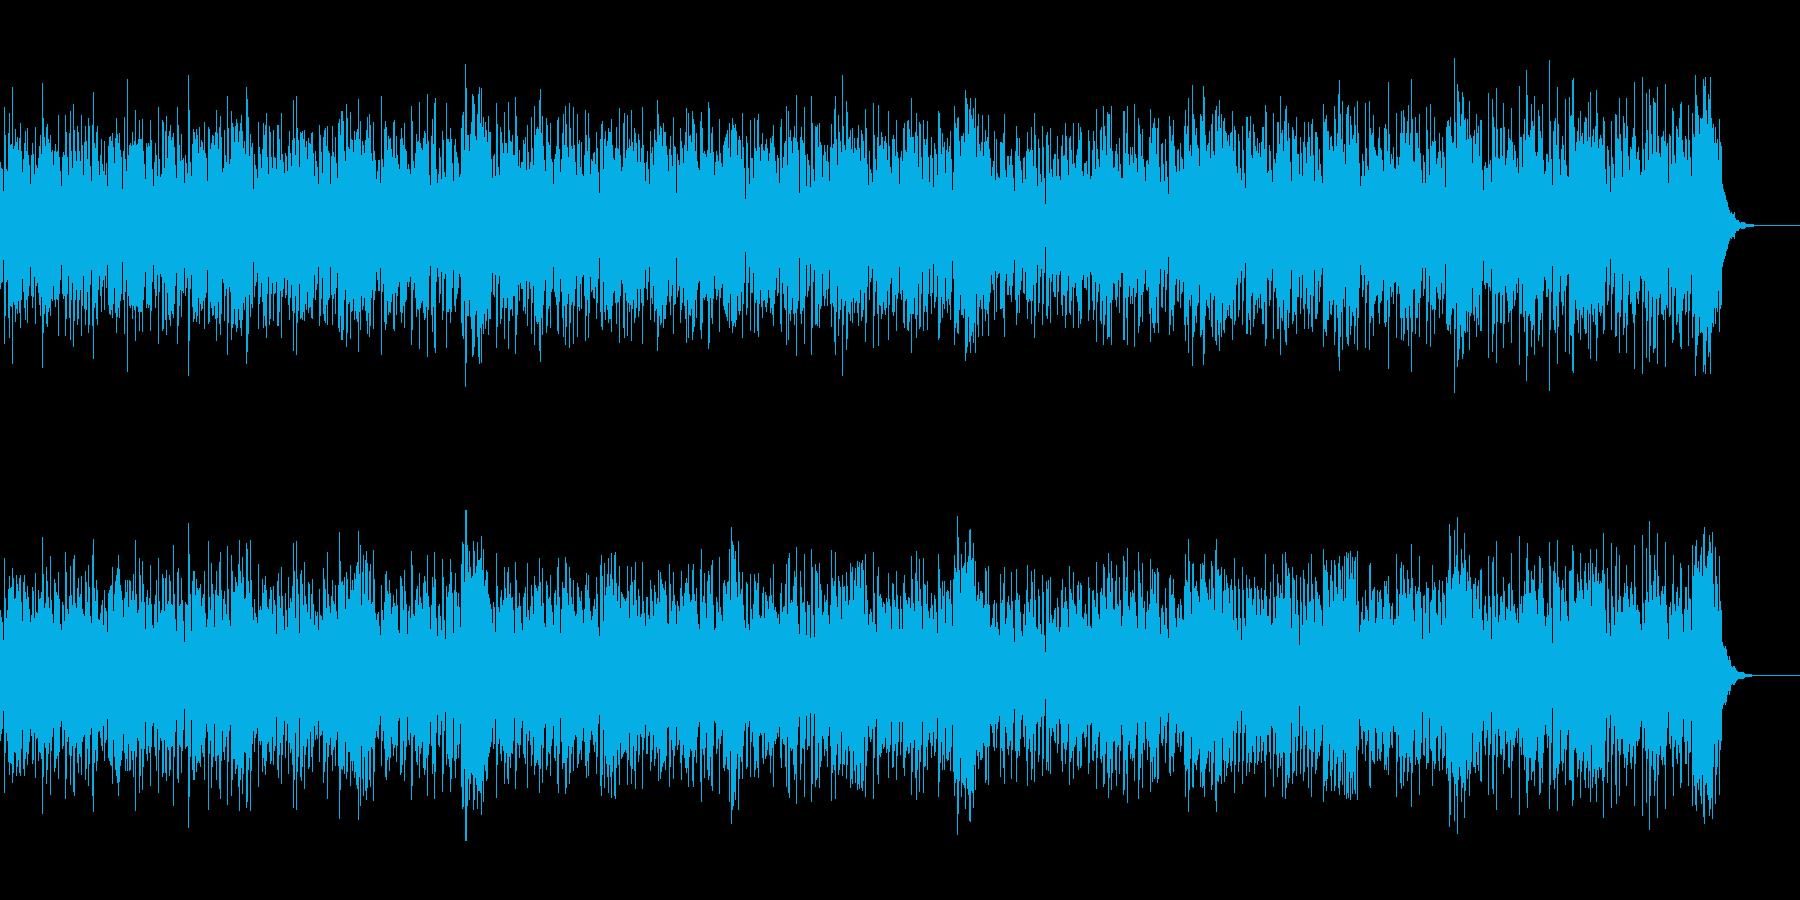 楽しいゲームに最適なかわいいポップな曲の再生済みの波形